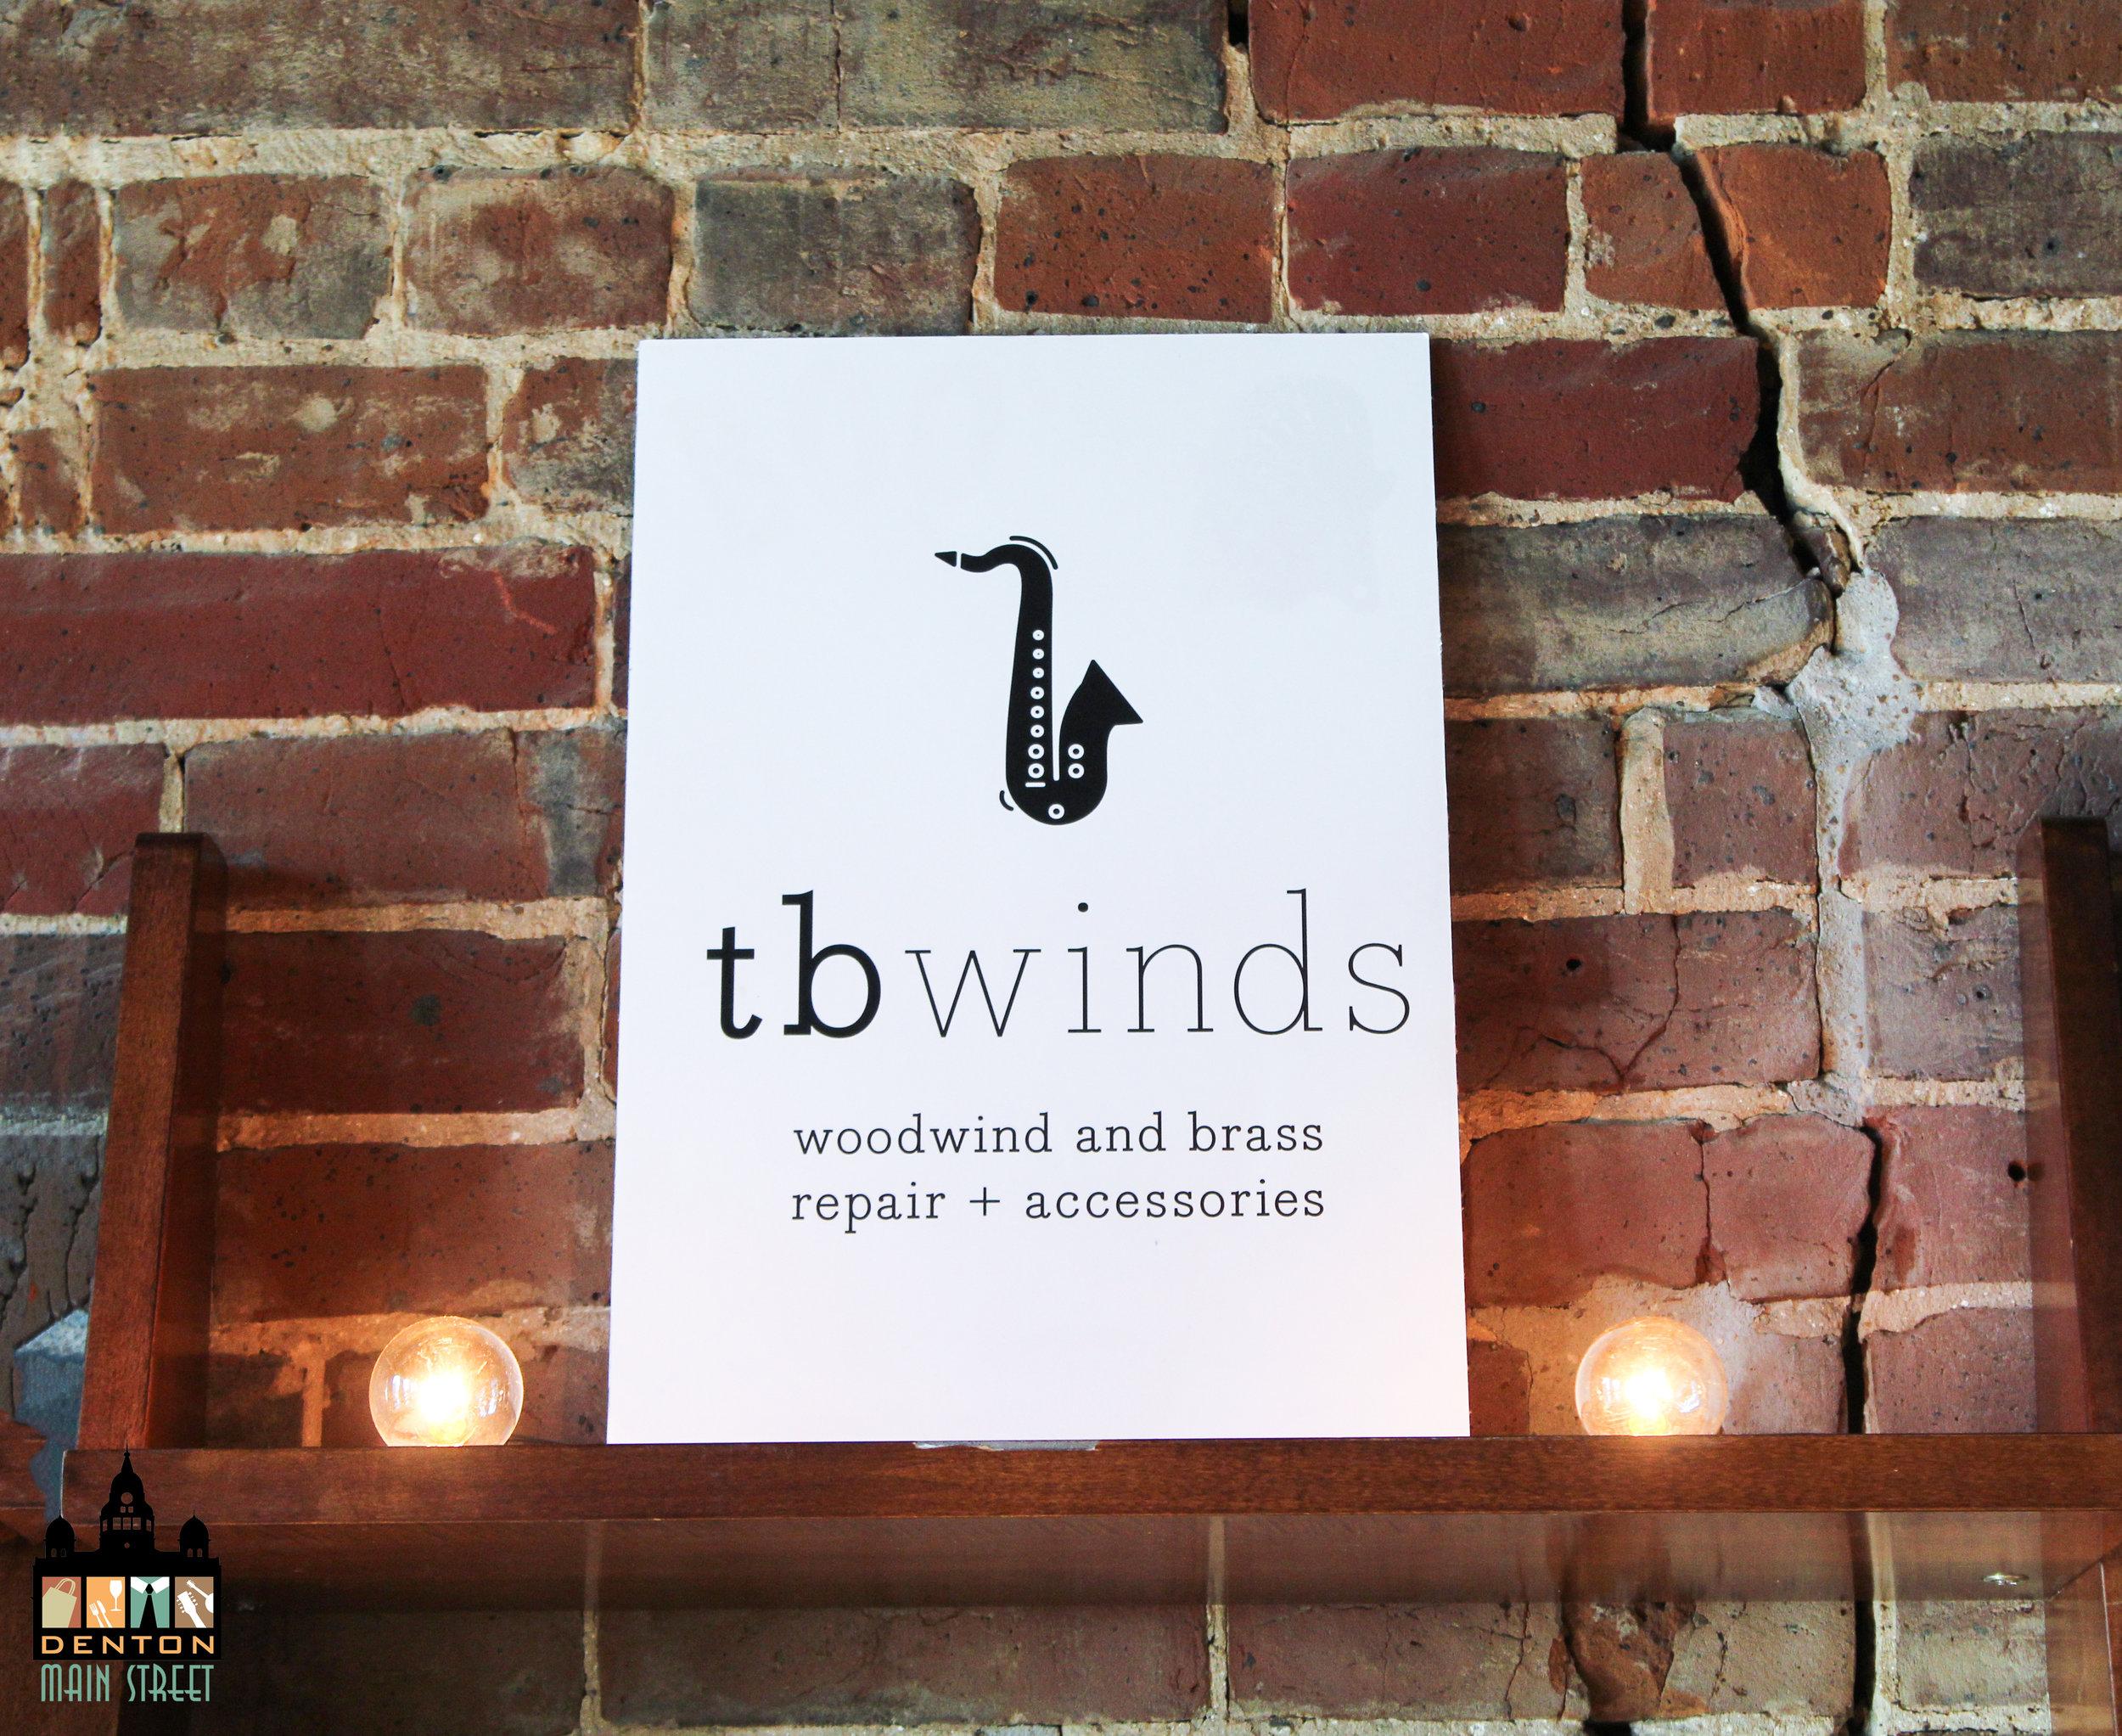 tbwinds8.jpg